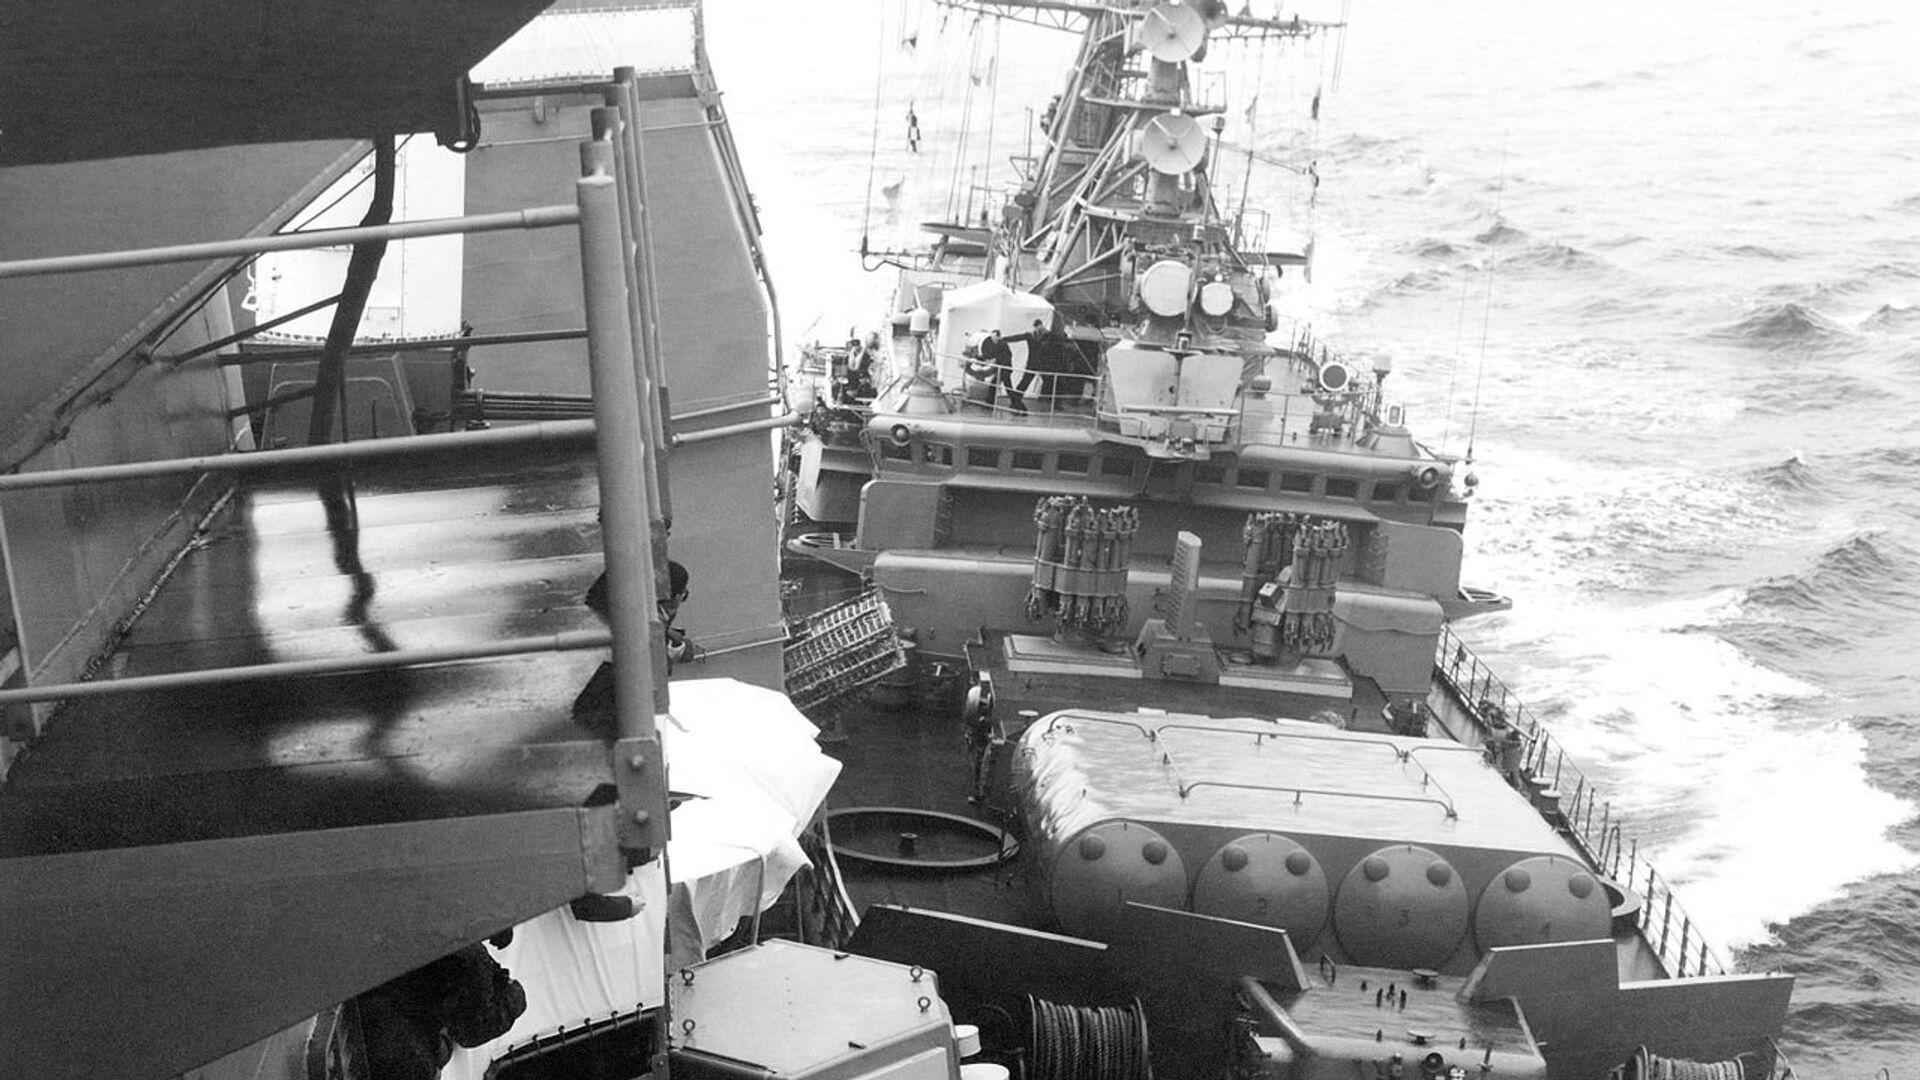 Сторожевой корабль Черноморского флота Беззаветный таранит американский ракетный крейсер Йорктаун . 12 февраля 1988 года - РИА Новости, 1920, 19.07.2018